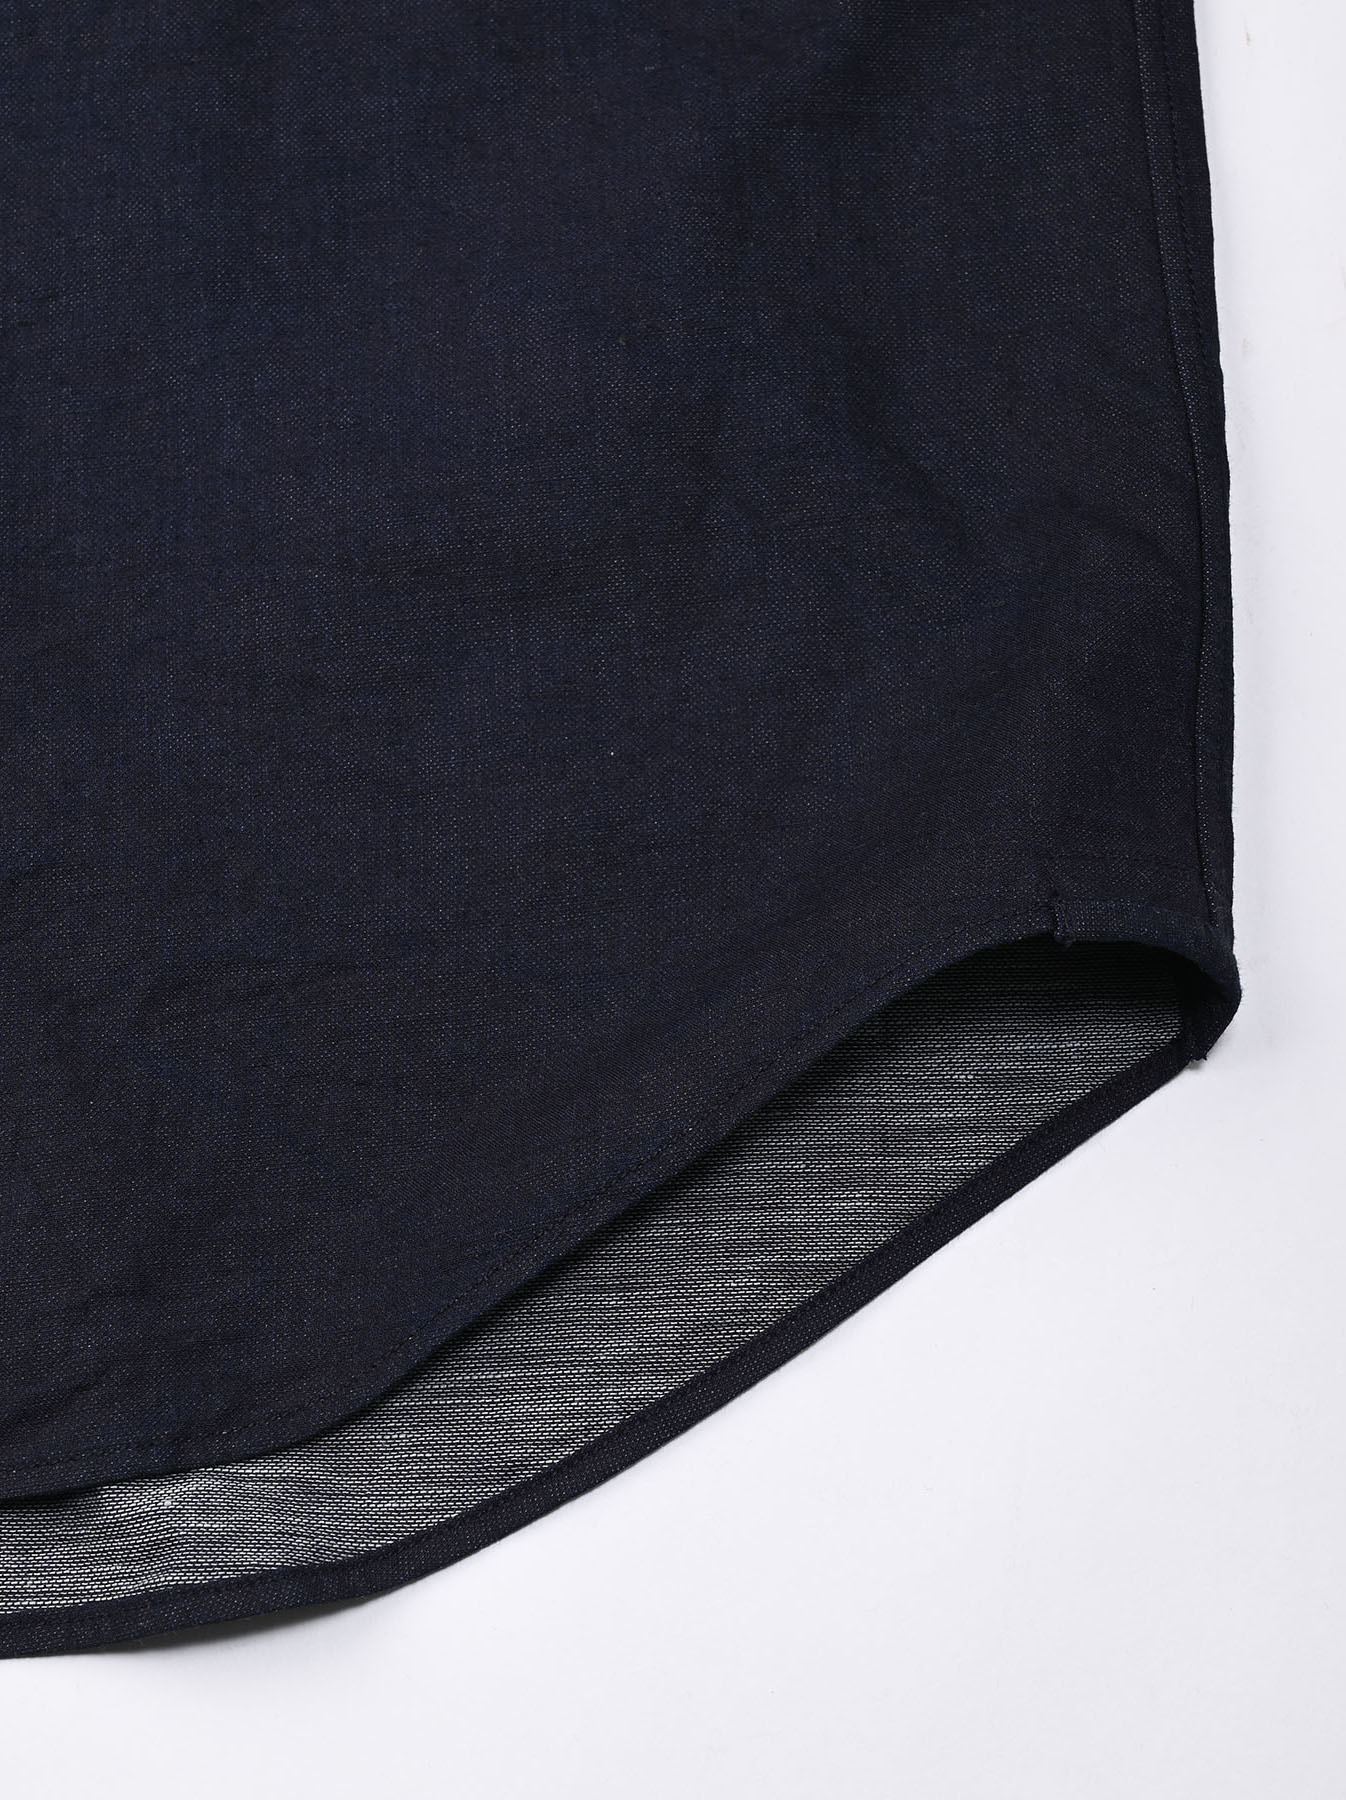 Indigo Double Woven 908 Loafer Shirt (0421)-10